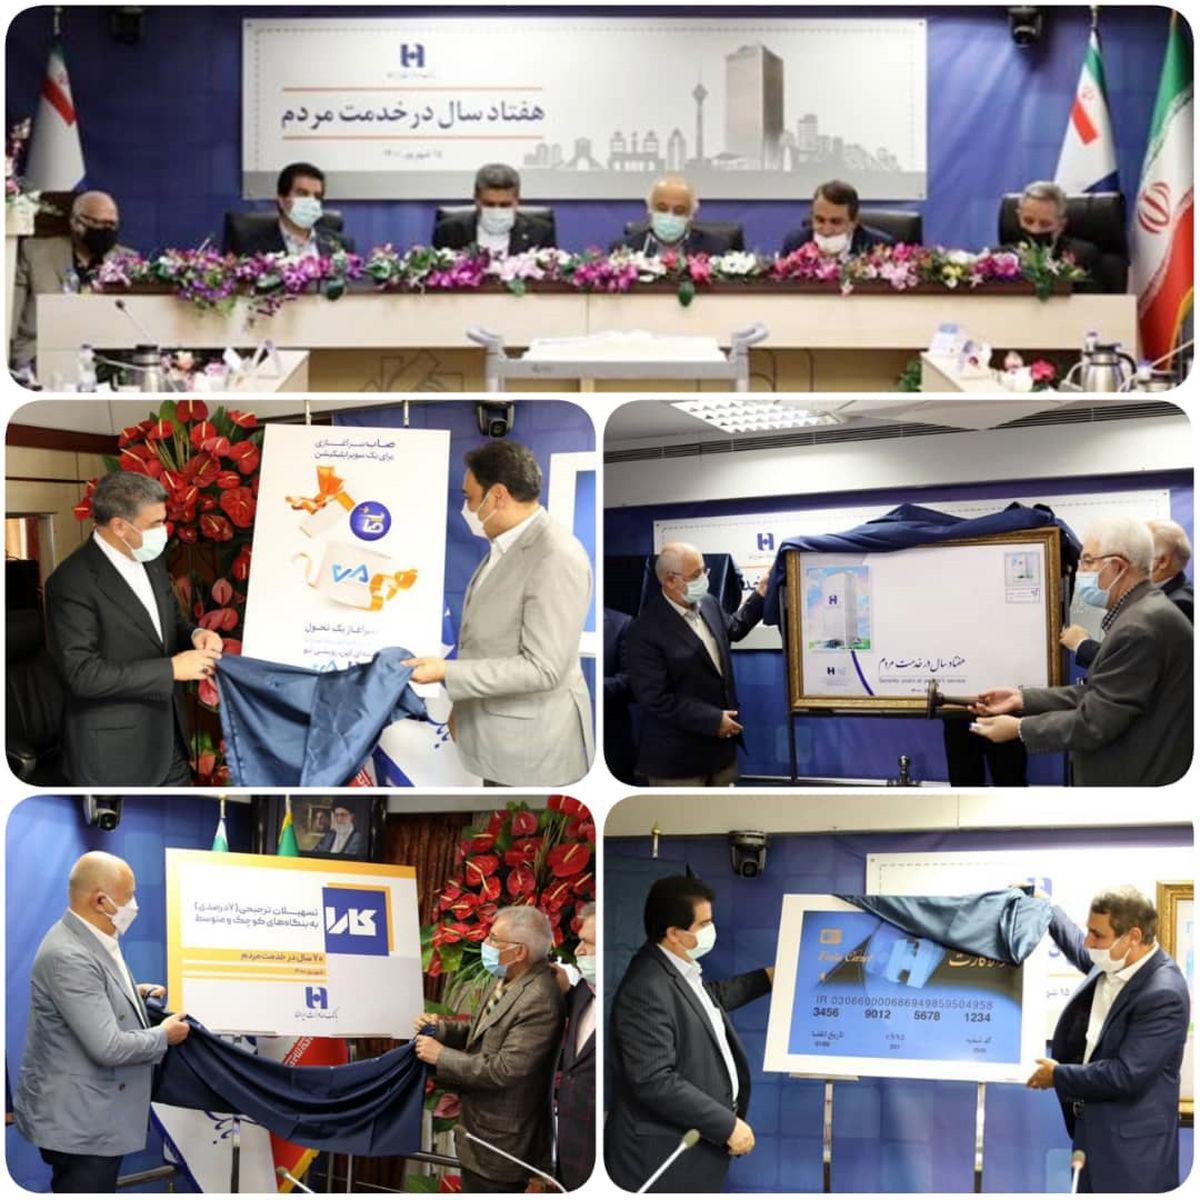 رونمایی از طرح تسهیلاتی «کارا» و نسخه جدید «صاپ» بانک صادرات ایران